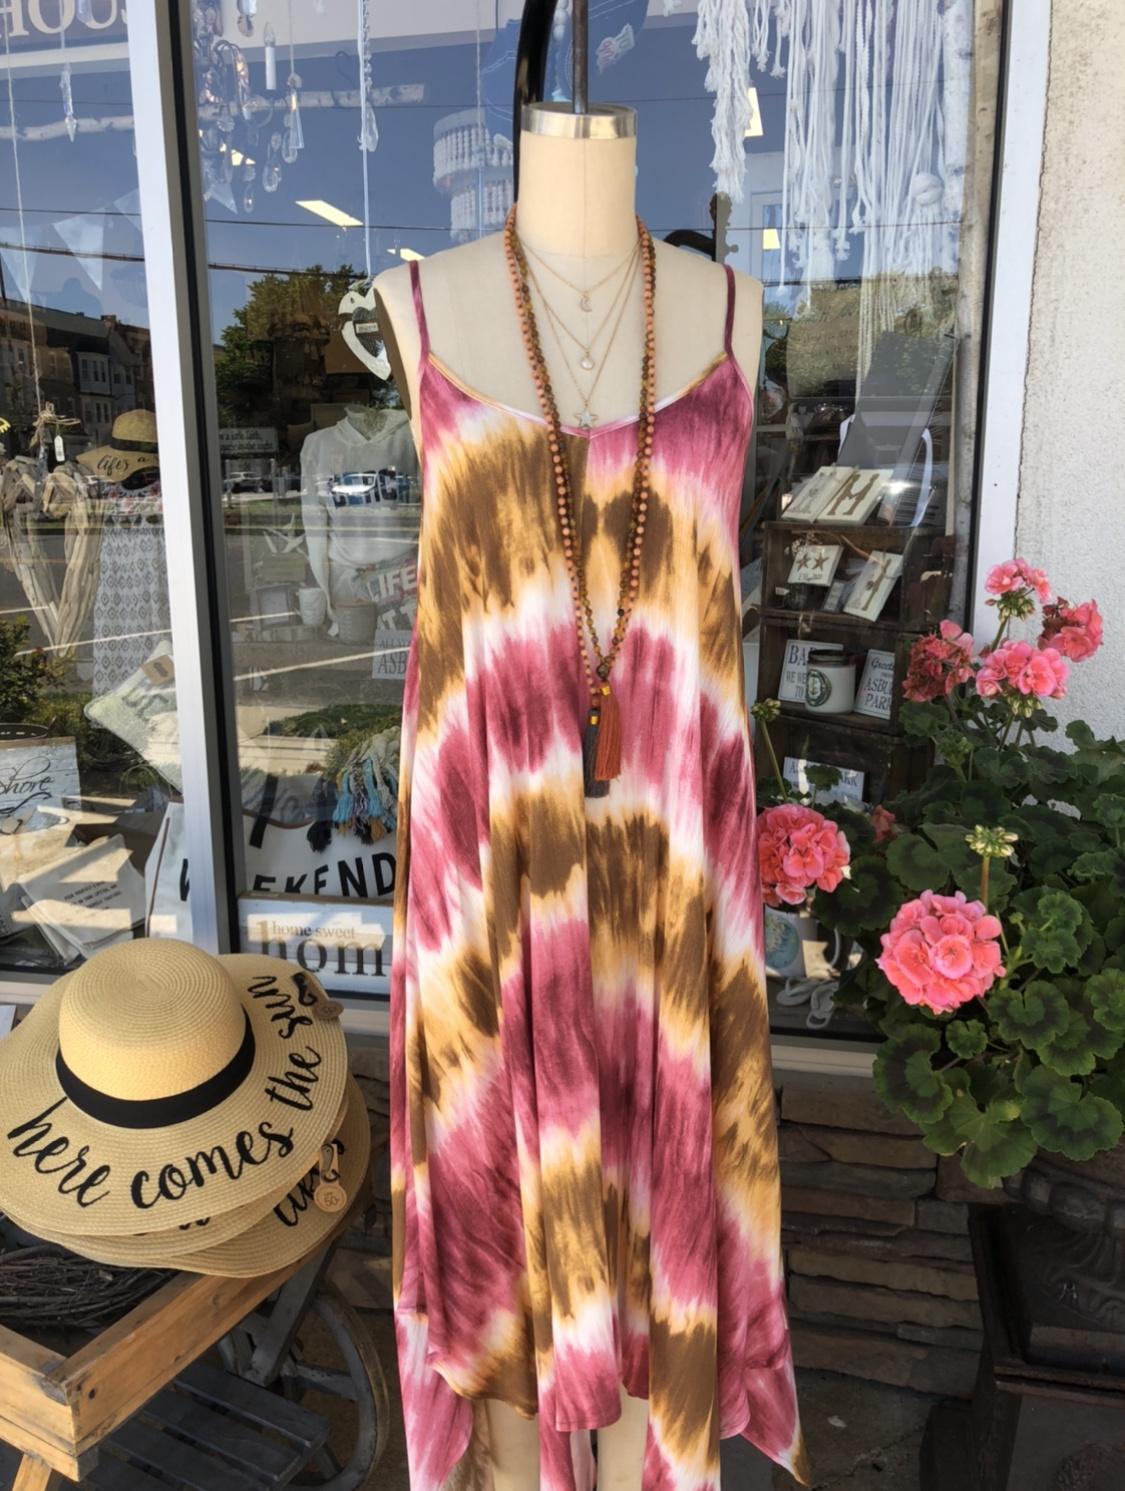 Ko- Tie Dye Fabric w/ Shark Bite Dress